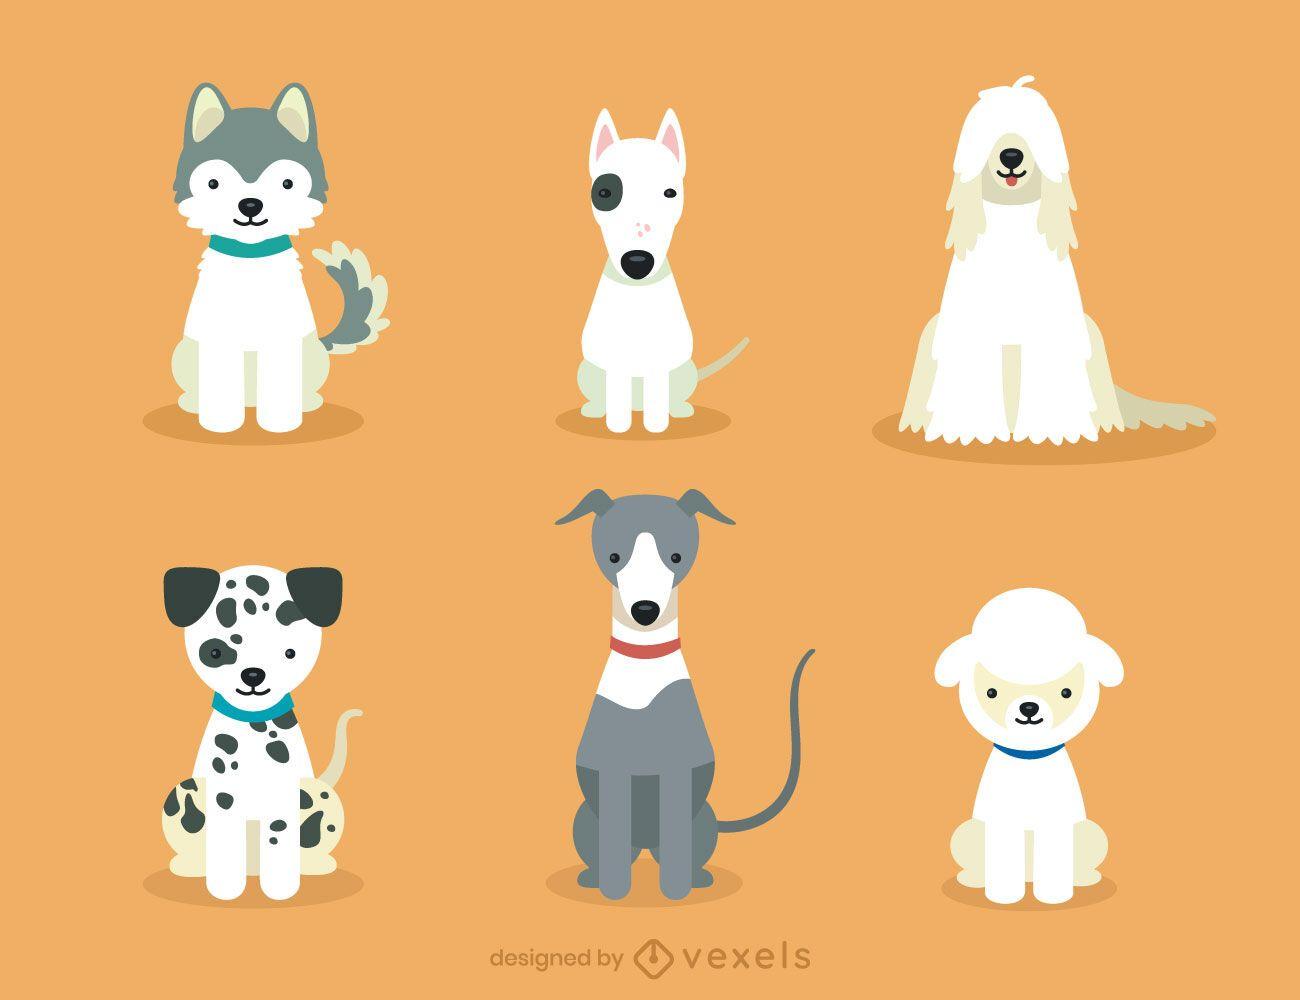 Cute dog breeds illustration set